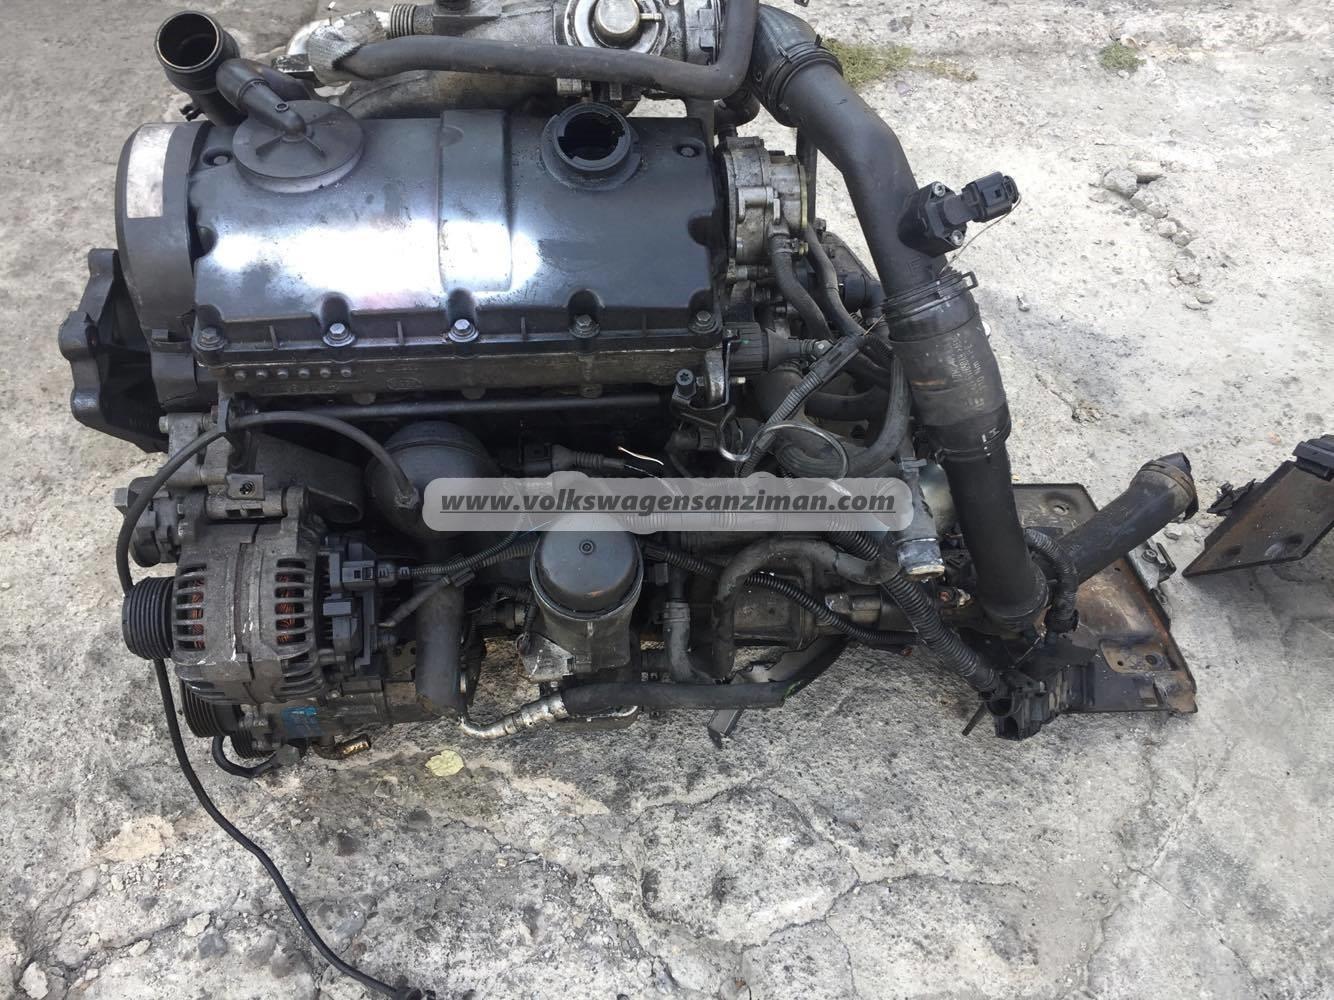 Transporter Axb 1 9tdi Motor Silindir Kapagi Cikma Yedek Parca